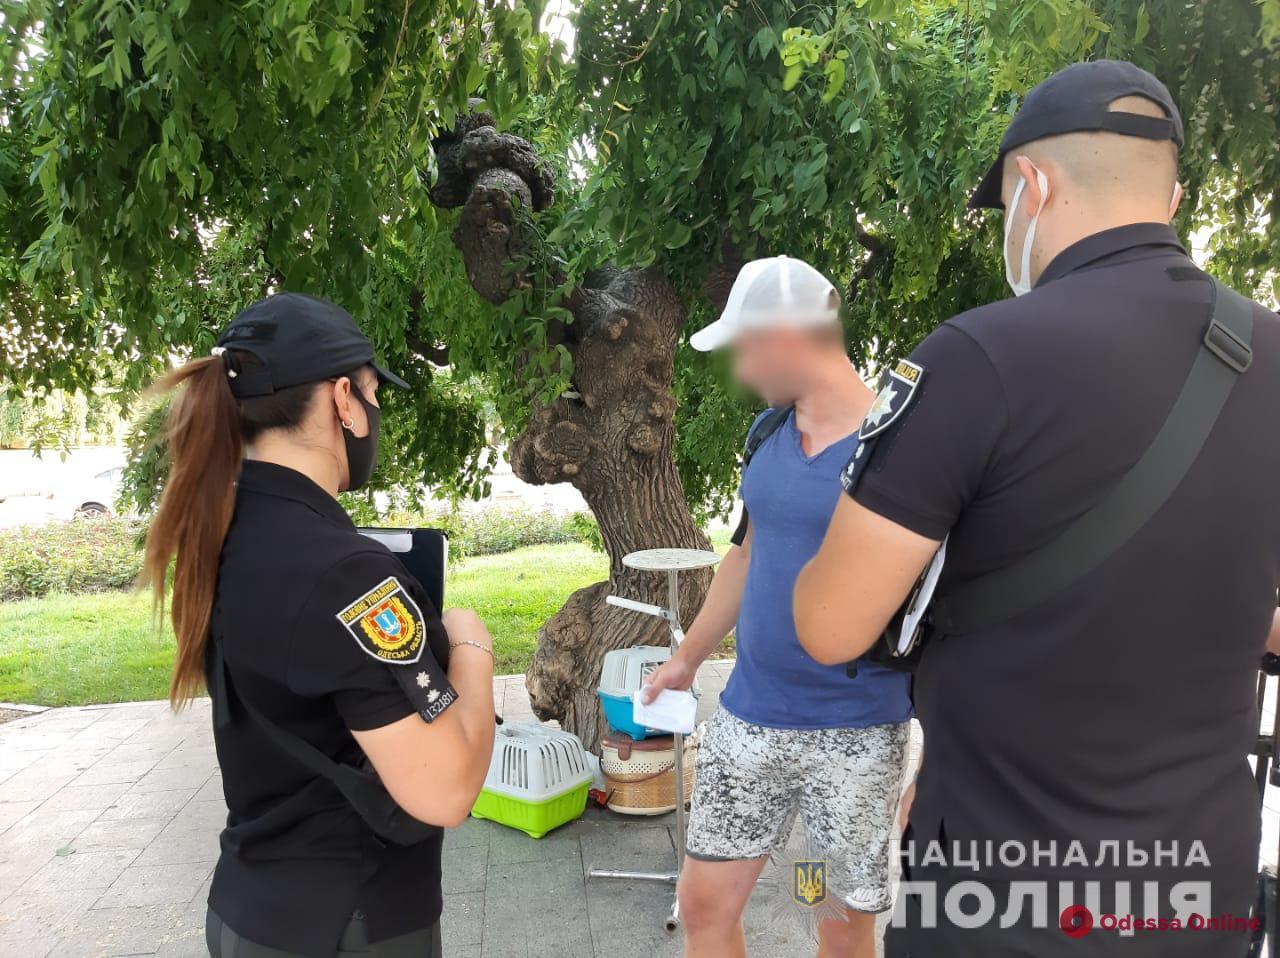 В Одессе полицейские составили более двадцати протоколов на эксплуататоров животных